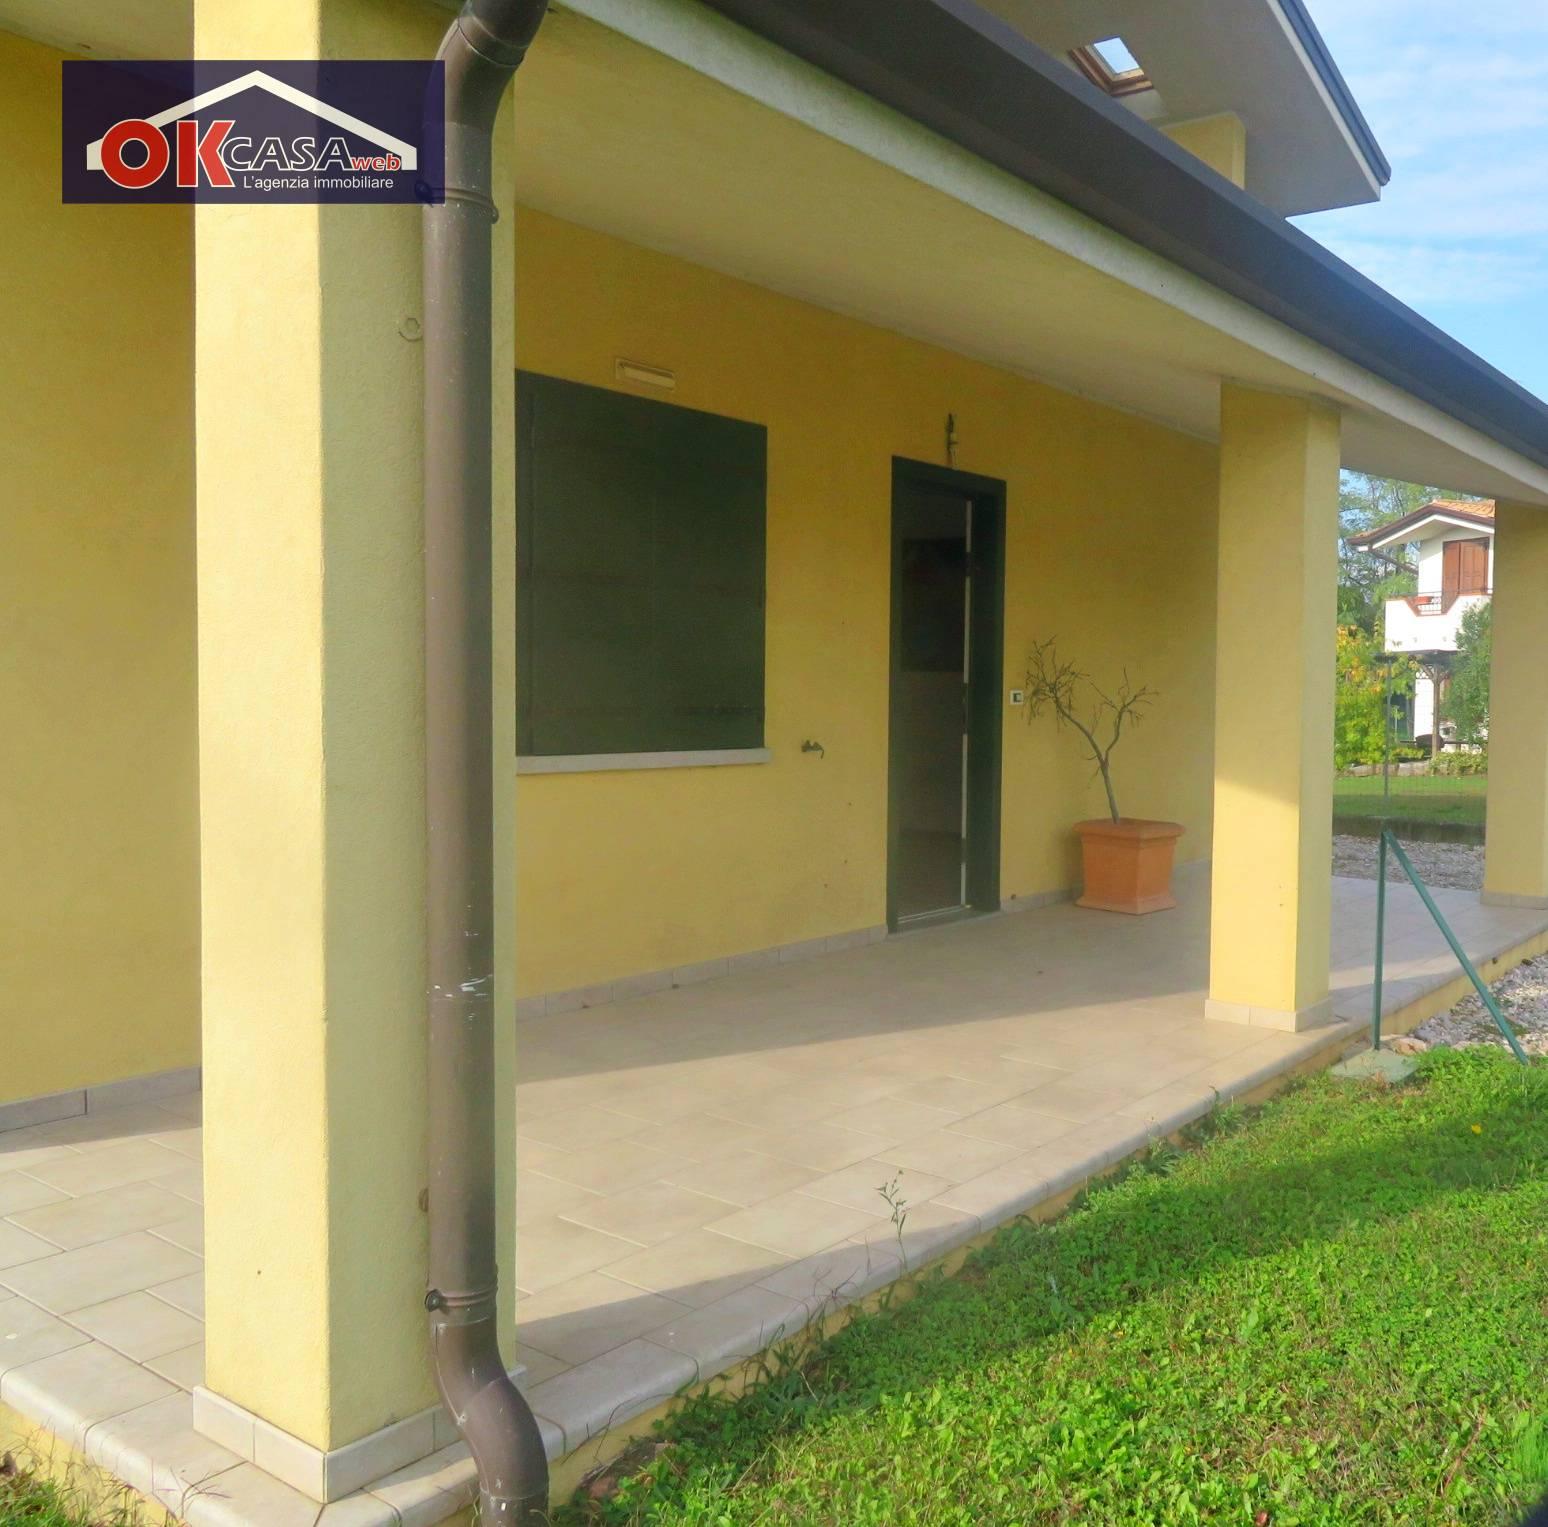 Villa in vendita a Gradisca d'Isonzo, 6 locali, prezzo € 270.000 | CambioCasa.it